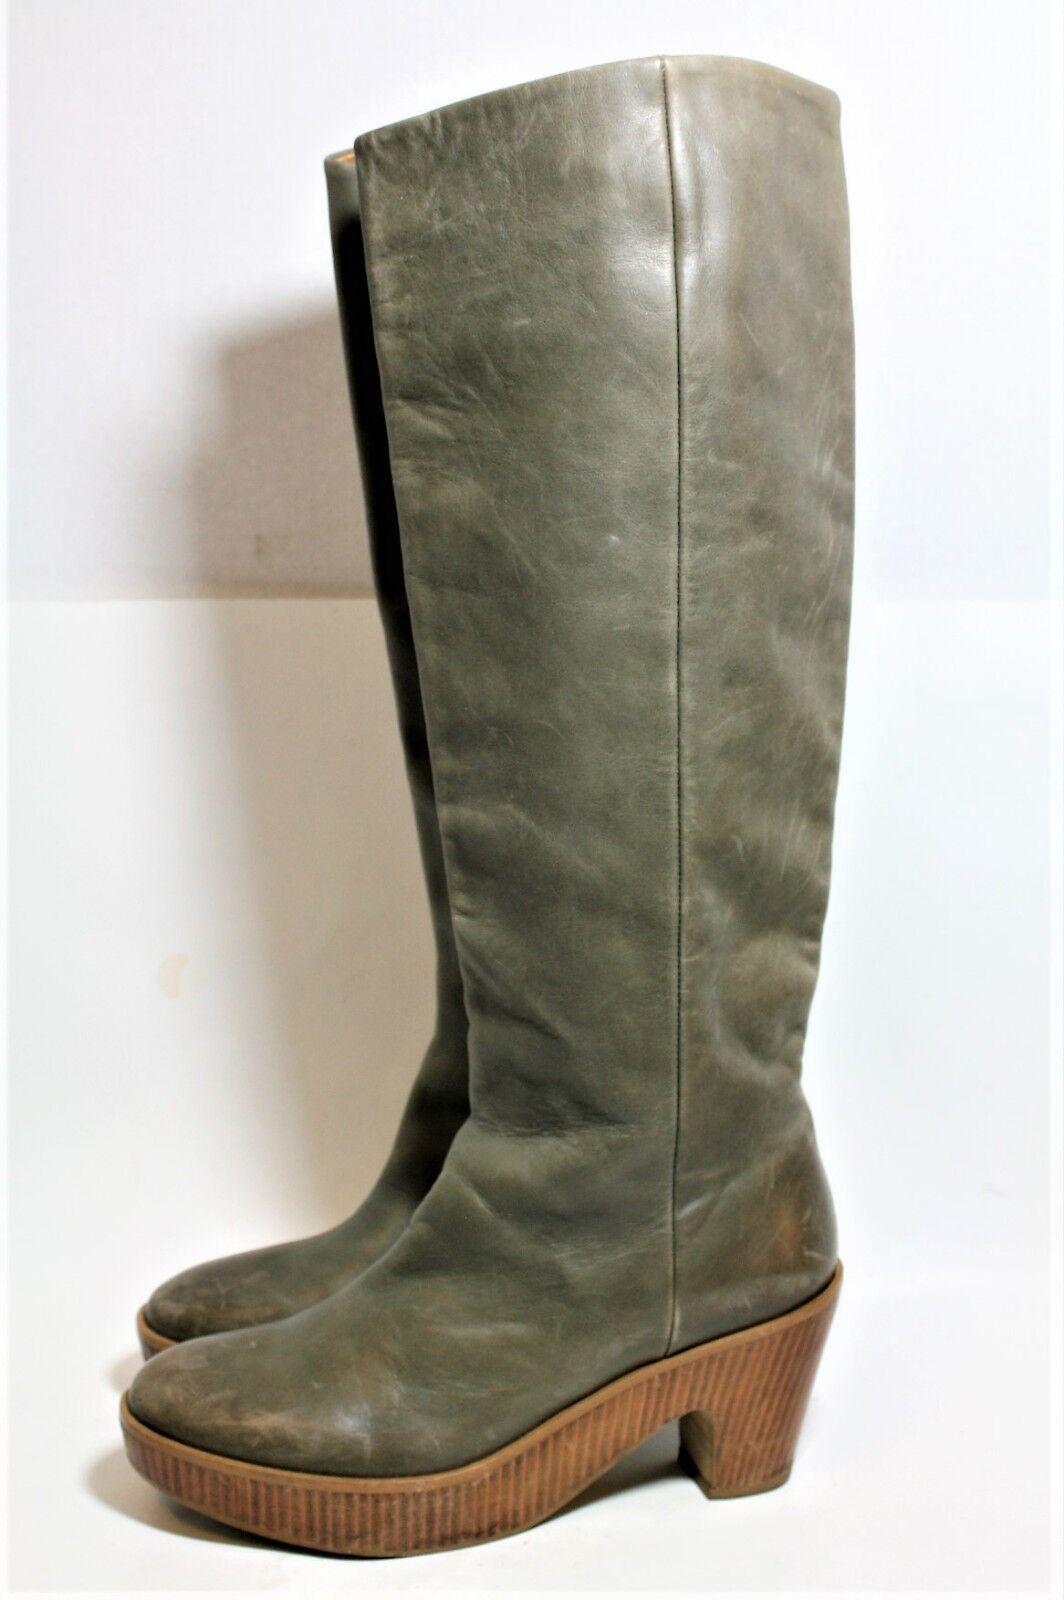 Maison Martin Margiella Margiella Margiella Zapatos suecos gris Cuero Rodilla Alto botas De Plataforma 8.5  ahorre 60% de descuento